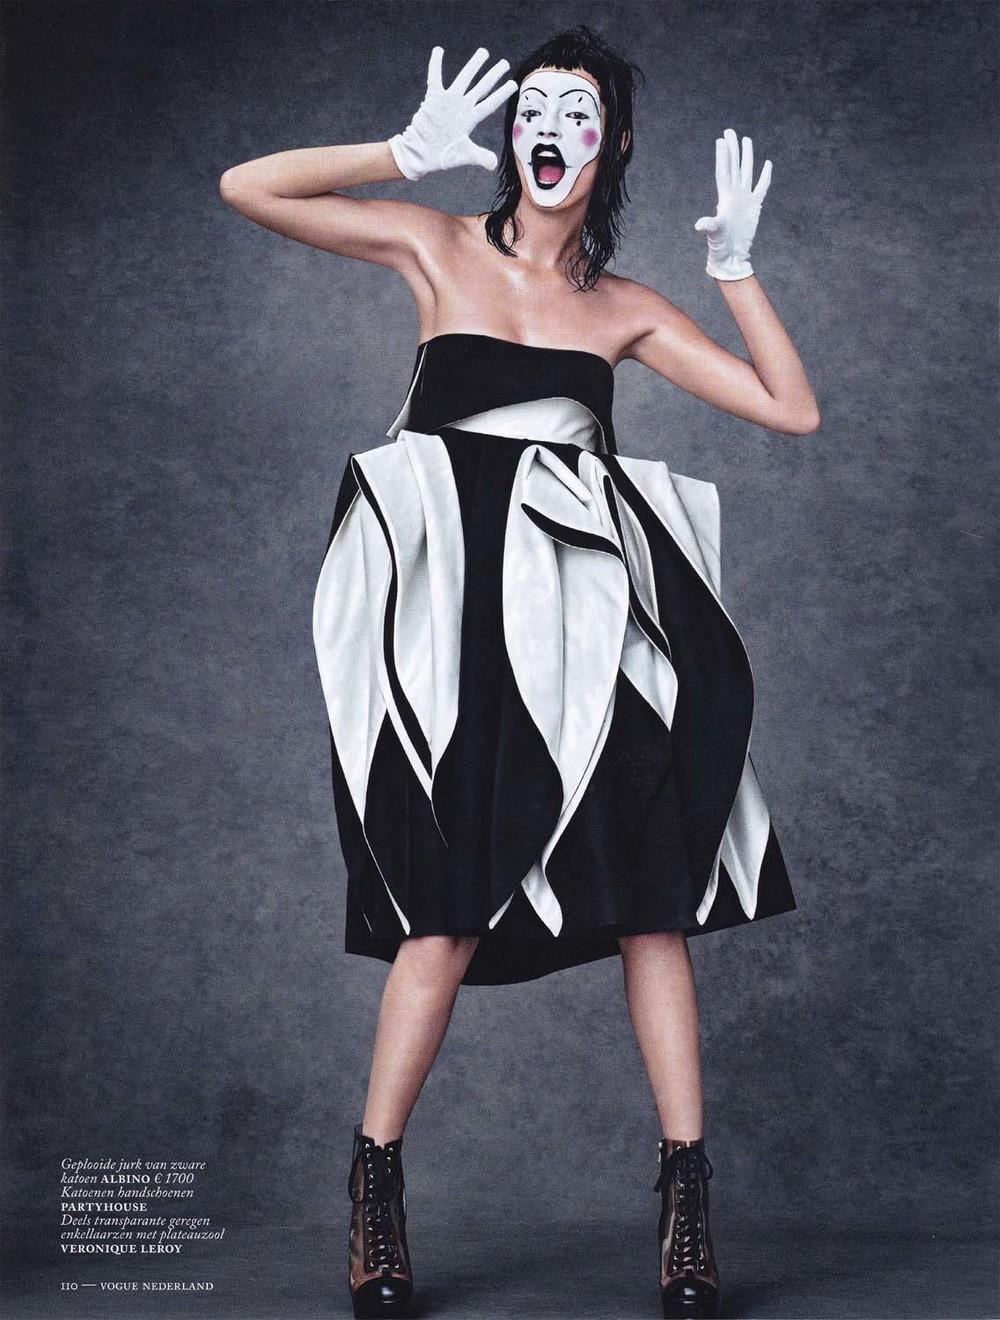 Vogue Nederland